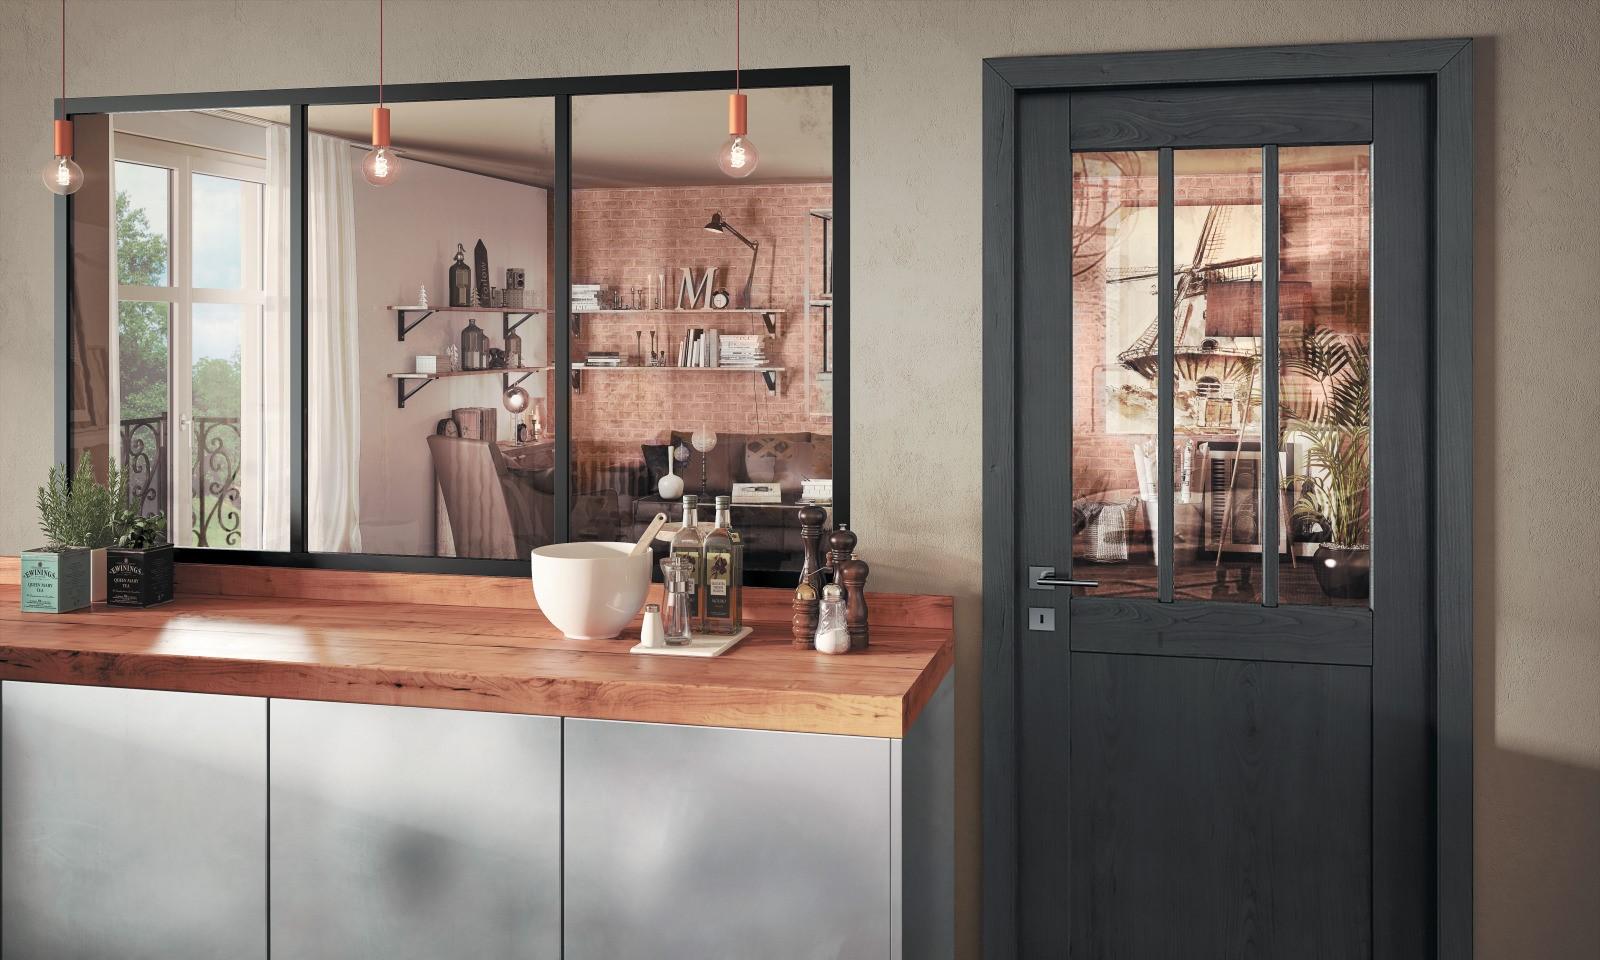 Porte Verriere Interieure Occasion un style industriel pour votre maison | komilfo